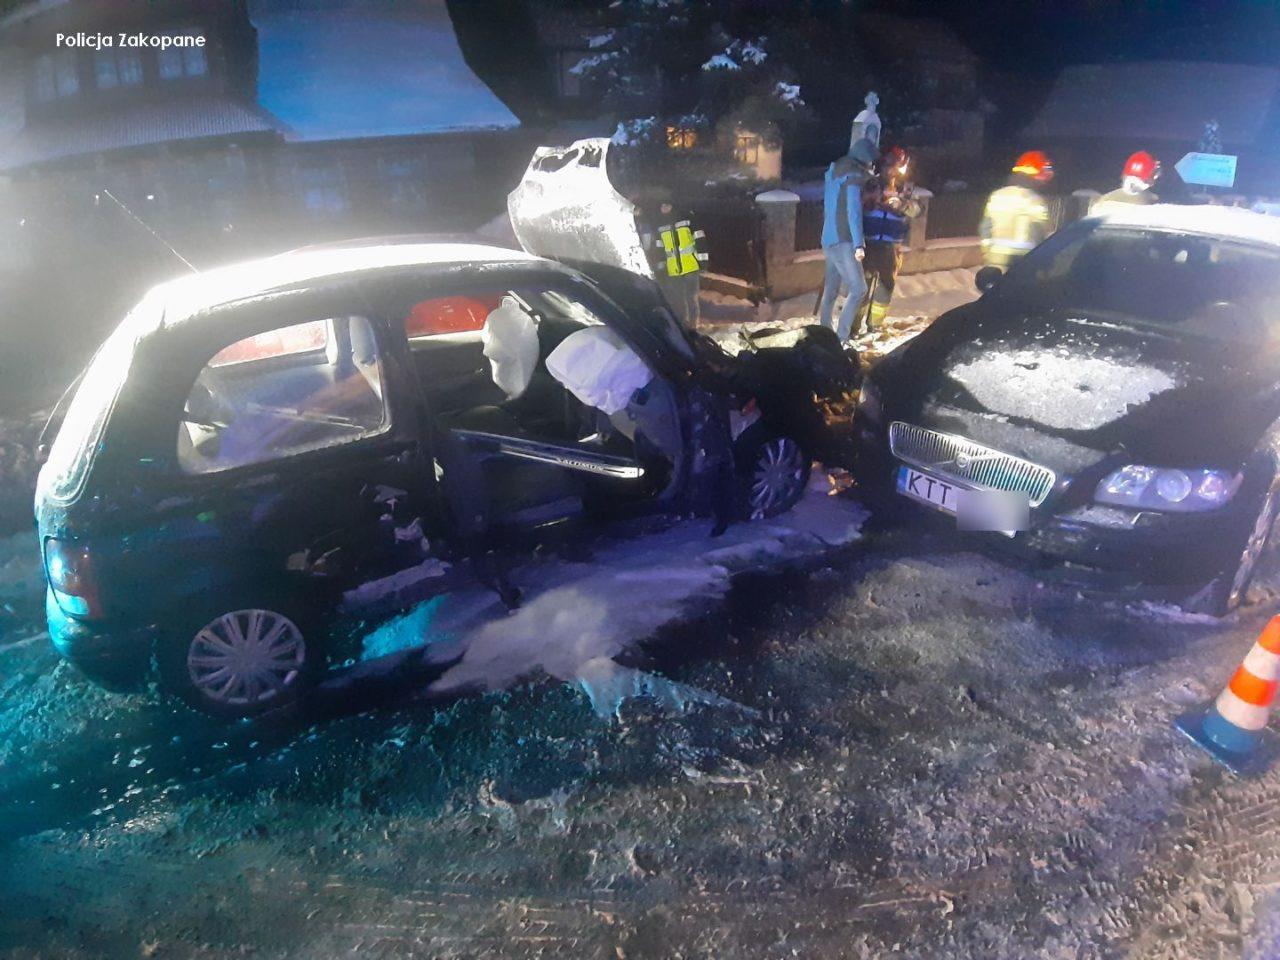 Tylko wczoraj na tatrzańskich drogach doszło do czterech poważnych zdarzeń drogowych